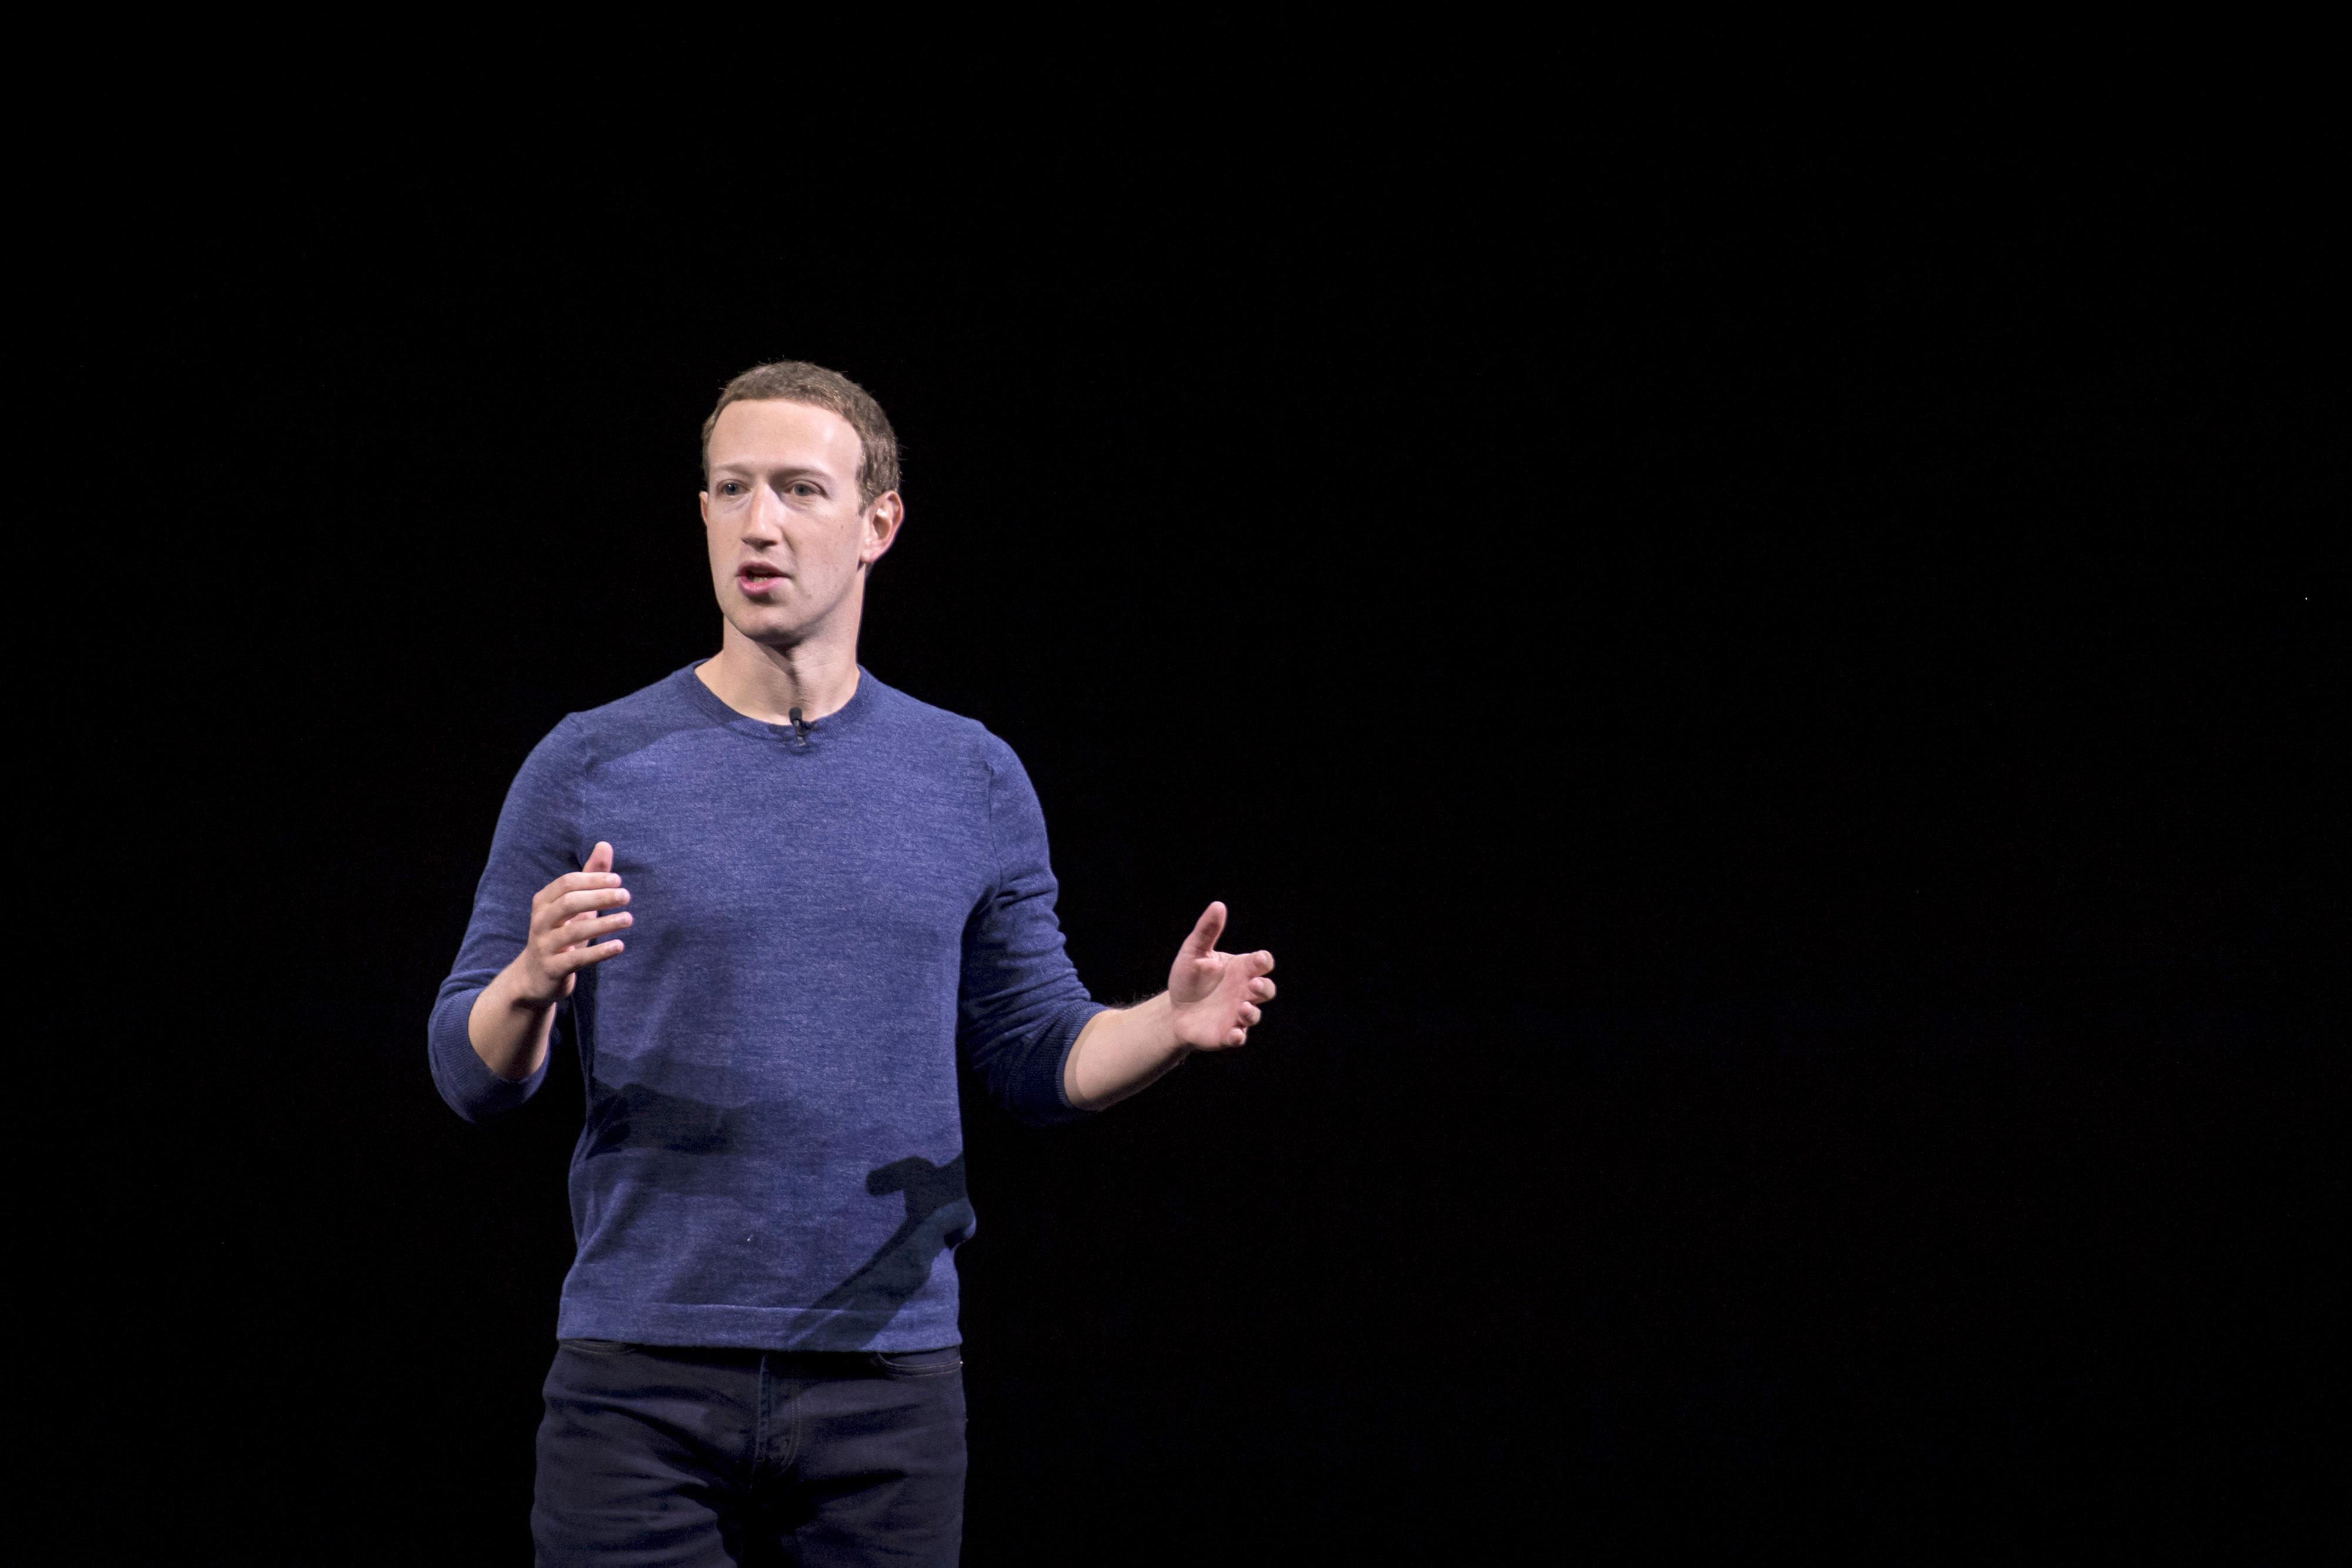 El peculiar regalo de Mark Zuckerberg a su pareja: ¿Qué pensarías si a ti te dan